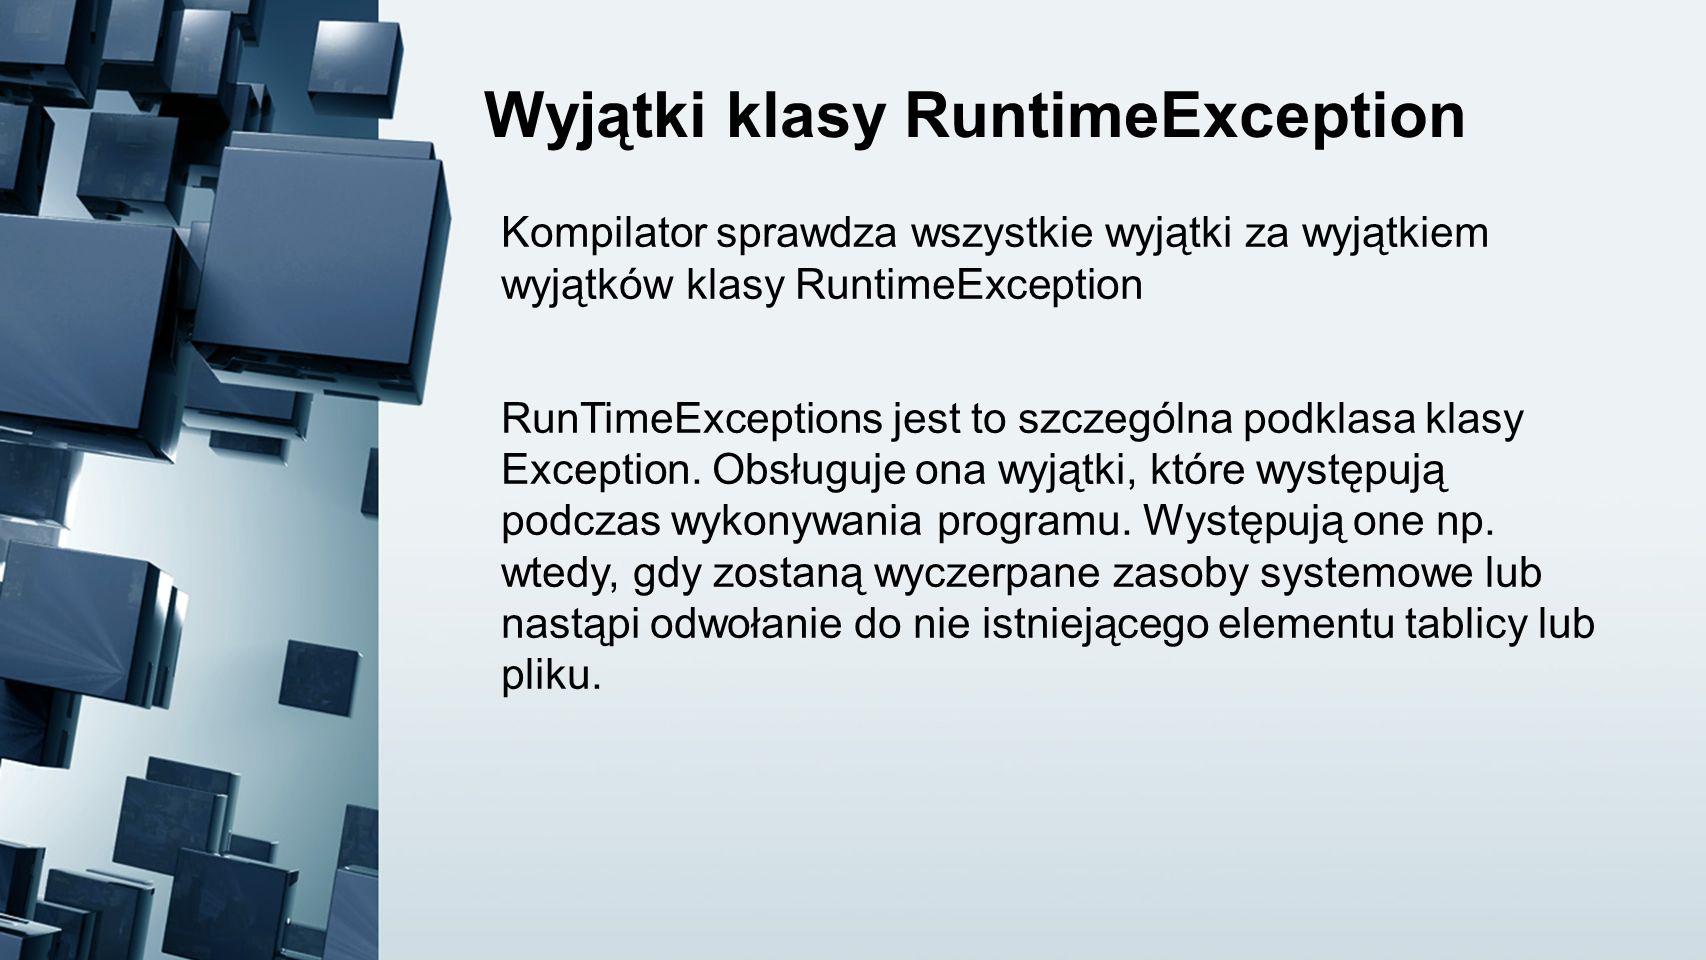 Wyjątki klasy RuntimeException